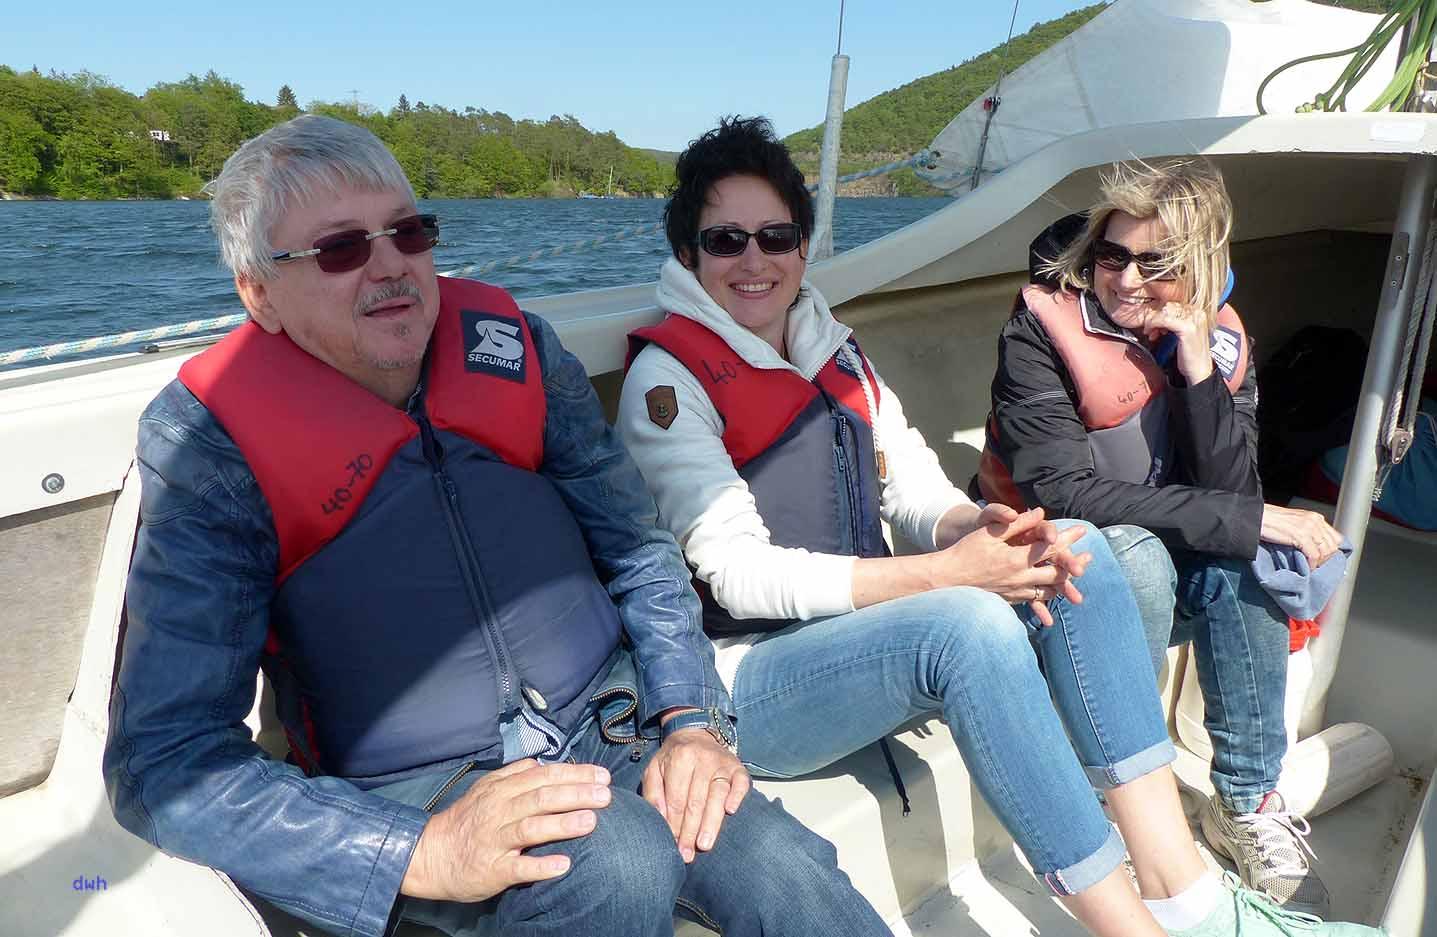 Lustig gehts zu auf dem Segelboot